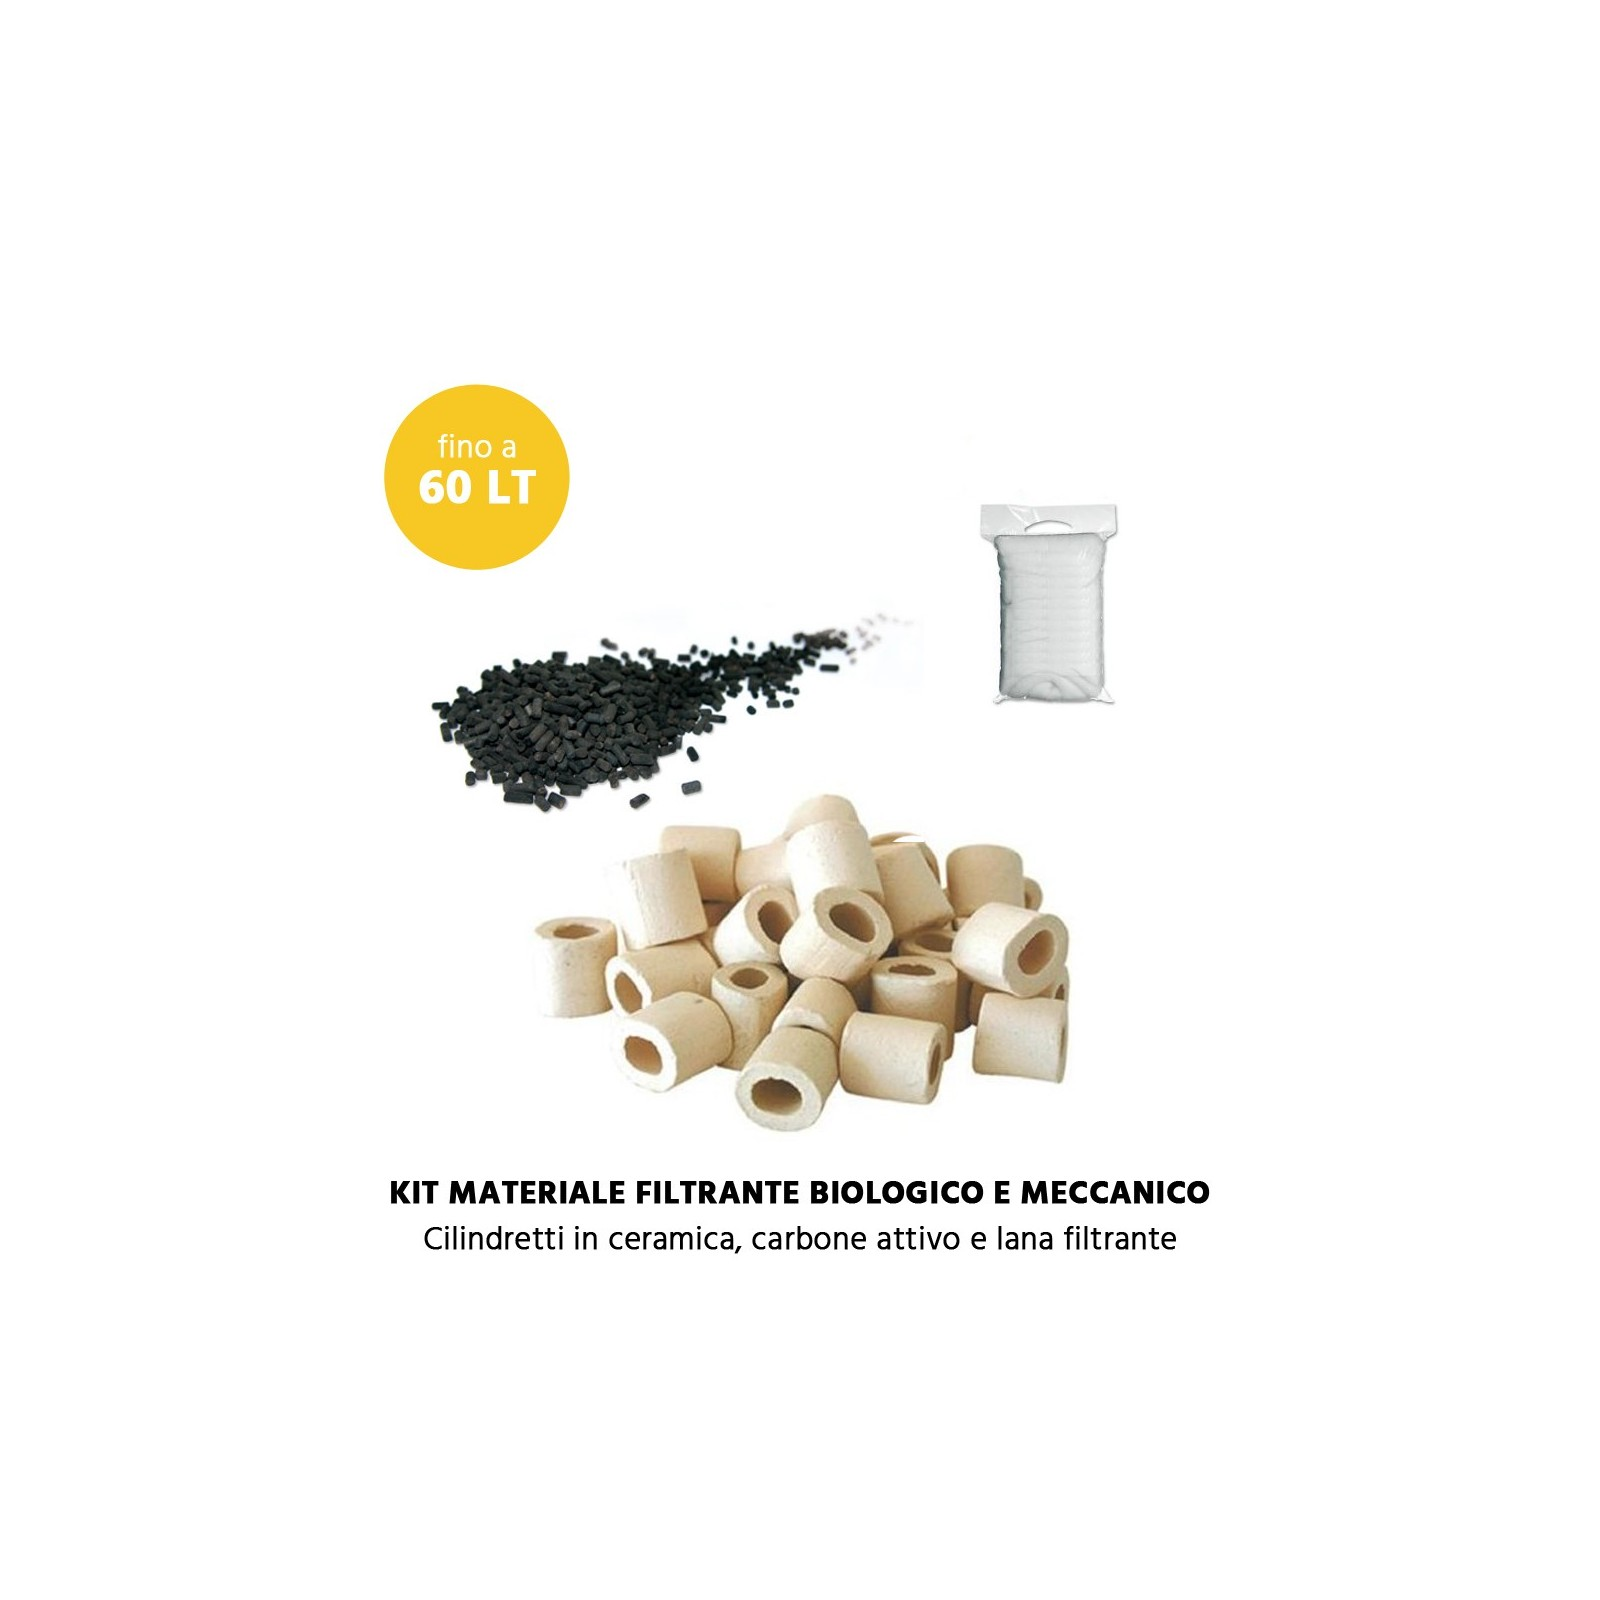 MTB Kit Materiale Filtrante biologico e meccanico per acquari fino a 60 litri MILO 43 e 60